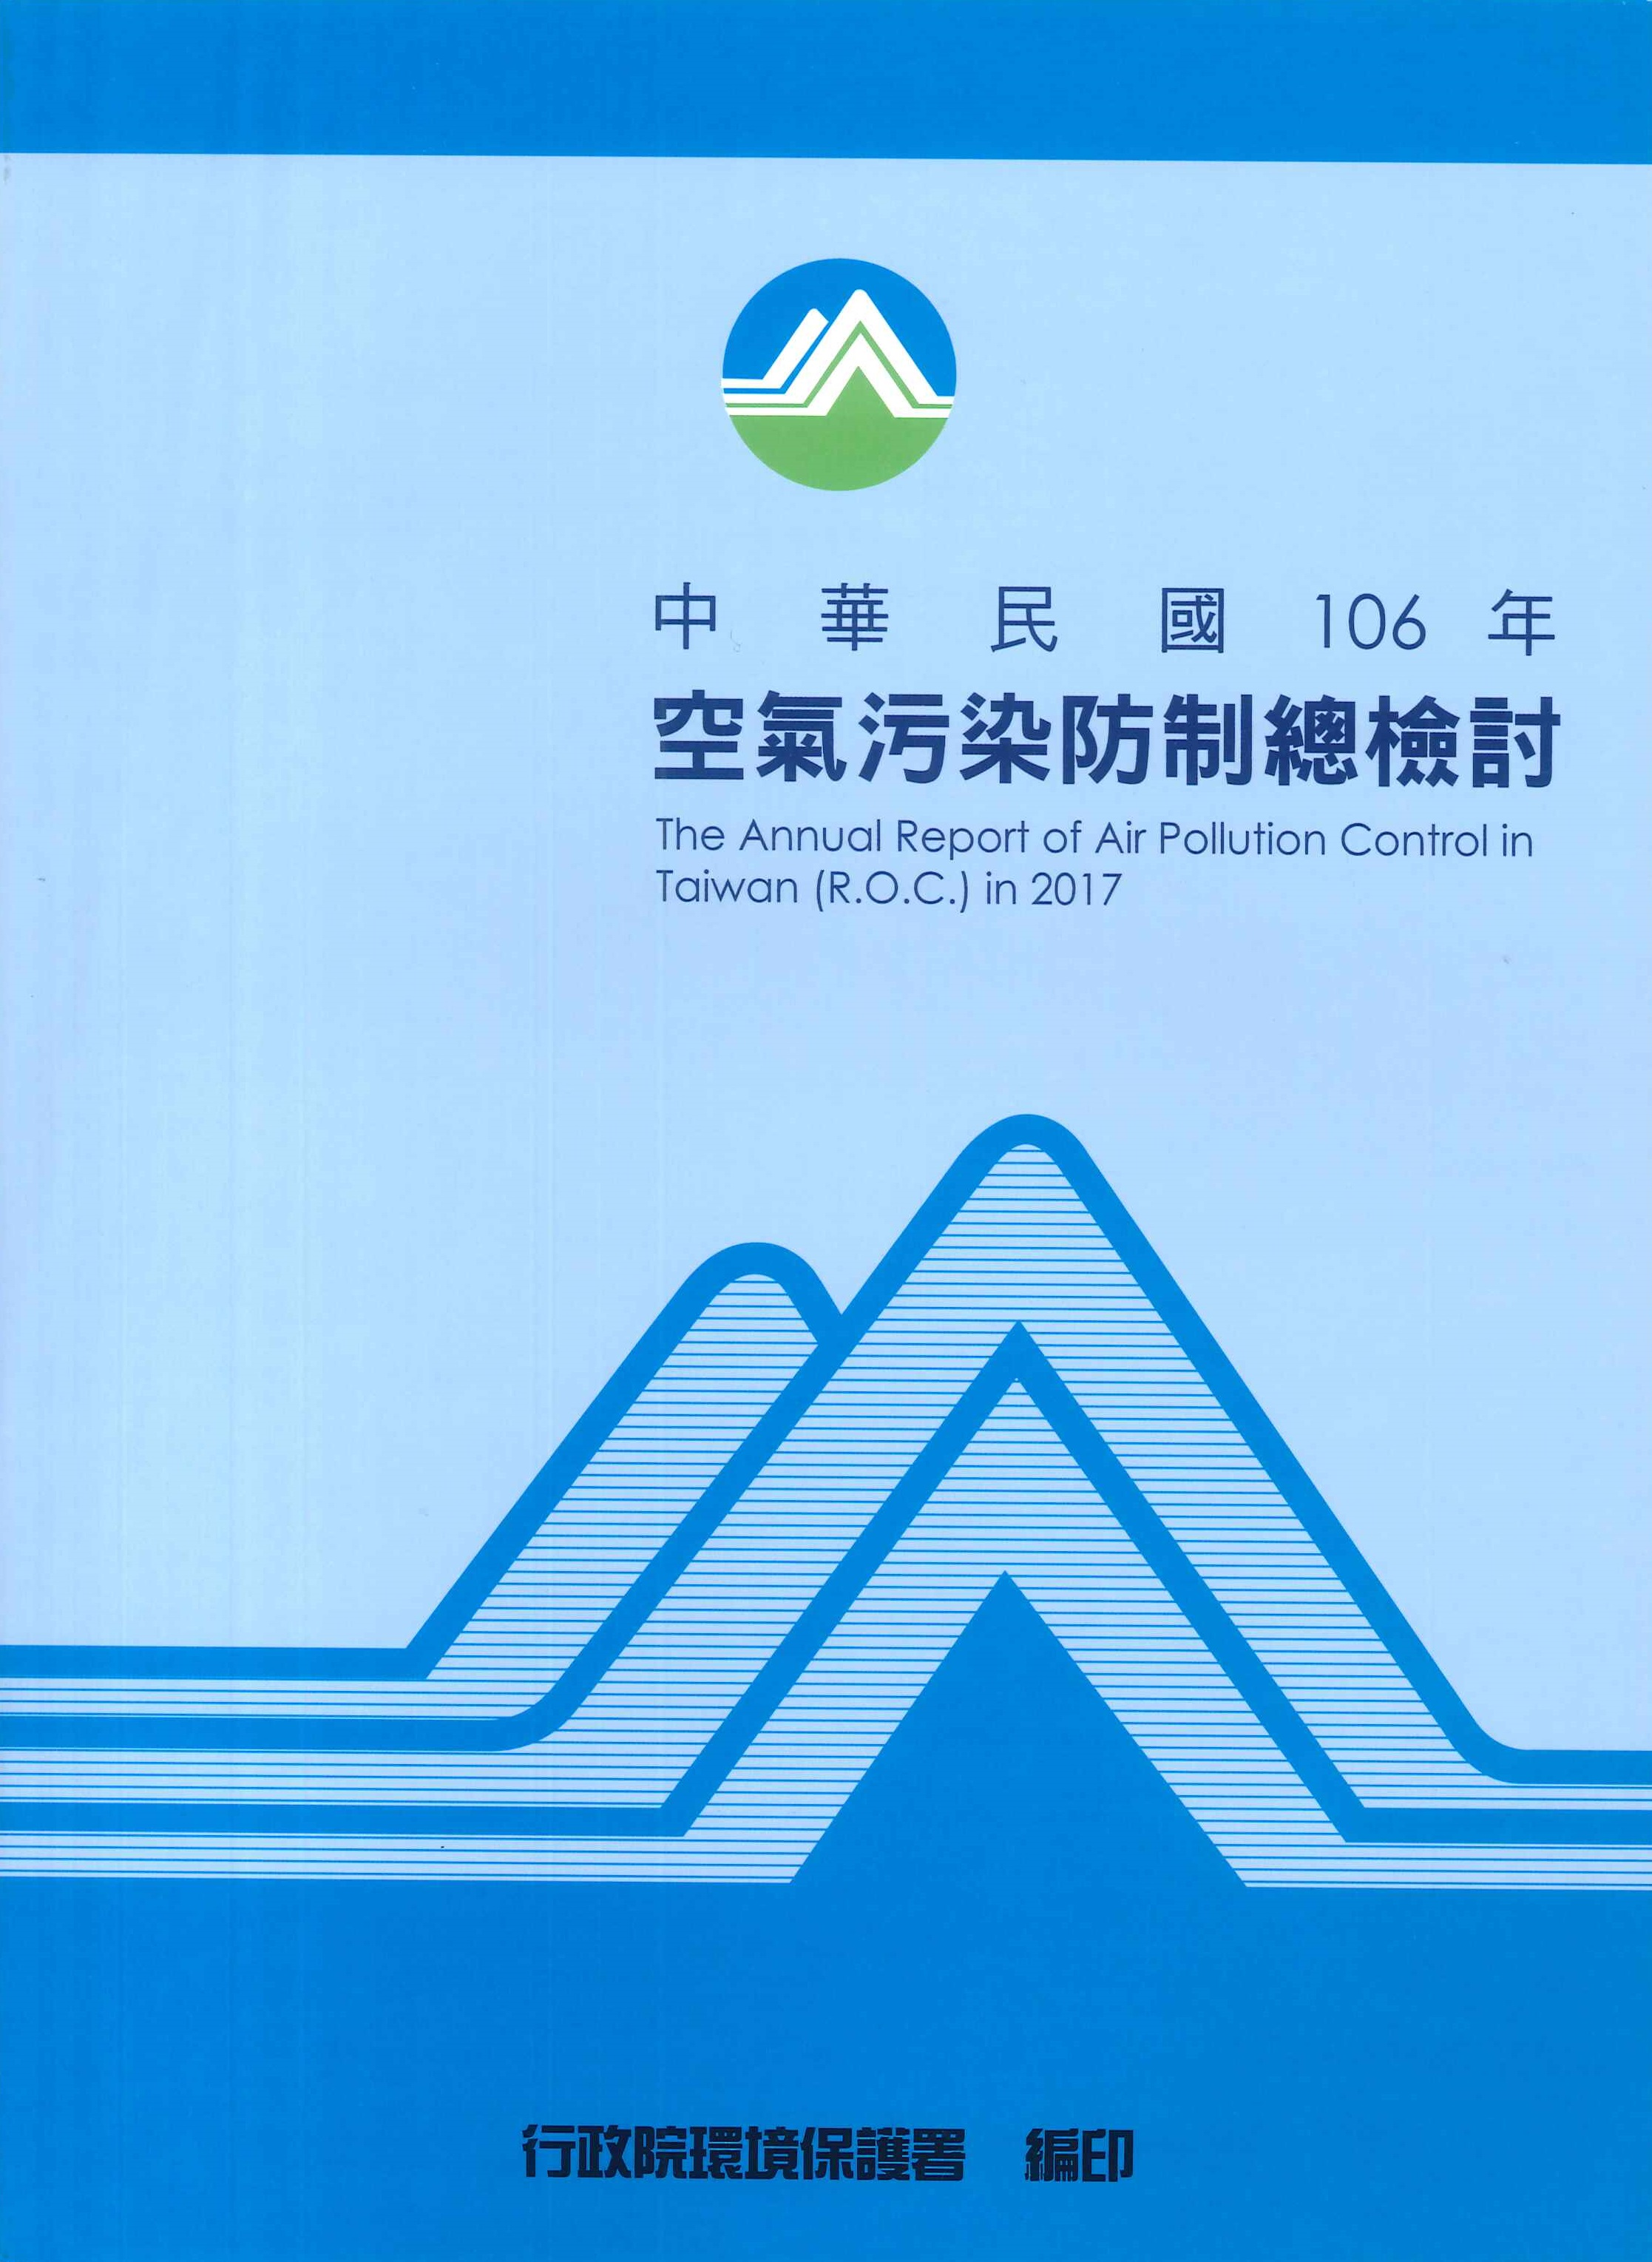 空氣污染防制總檢討=The annual report of air pollution control in Taiwan (R.O.C)